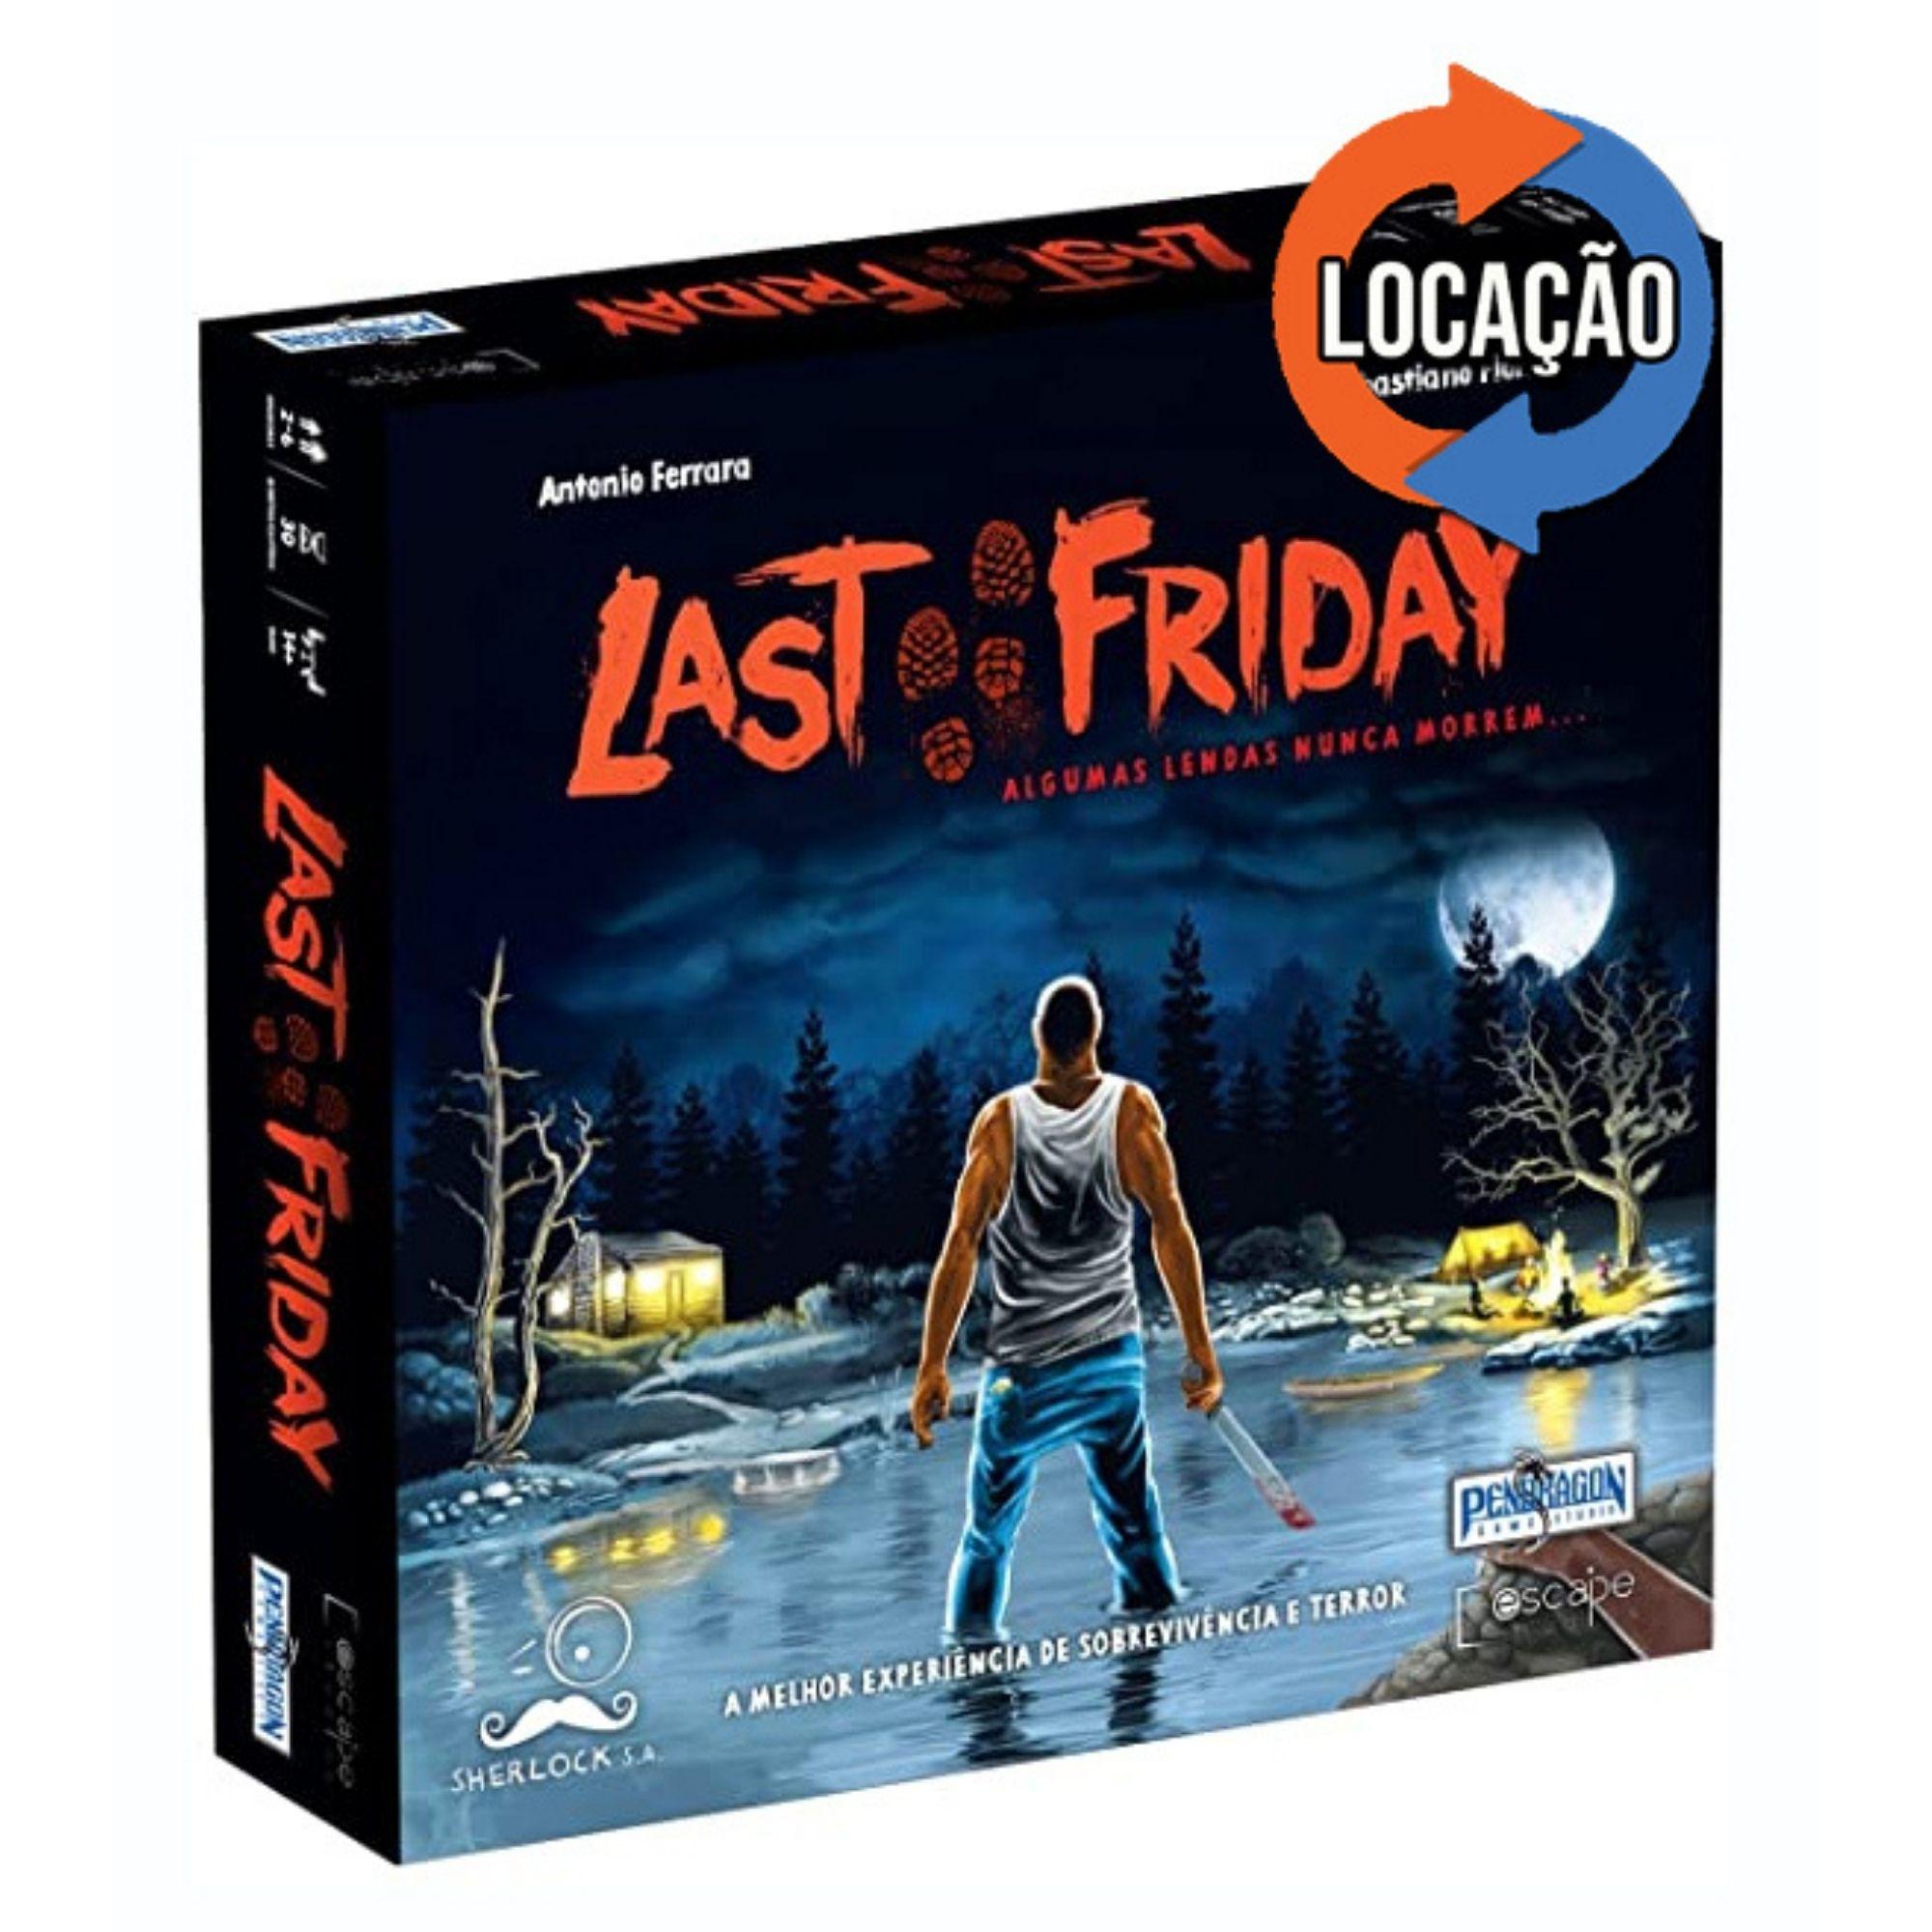 Last Friday (Locação)